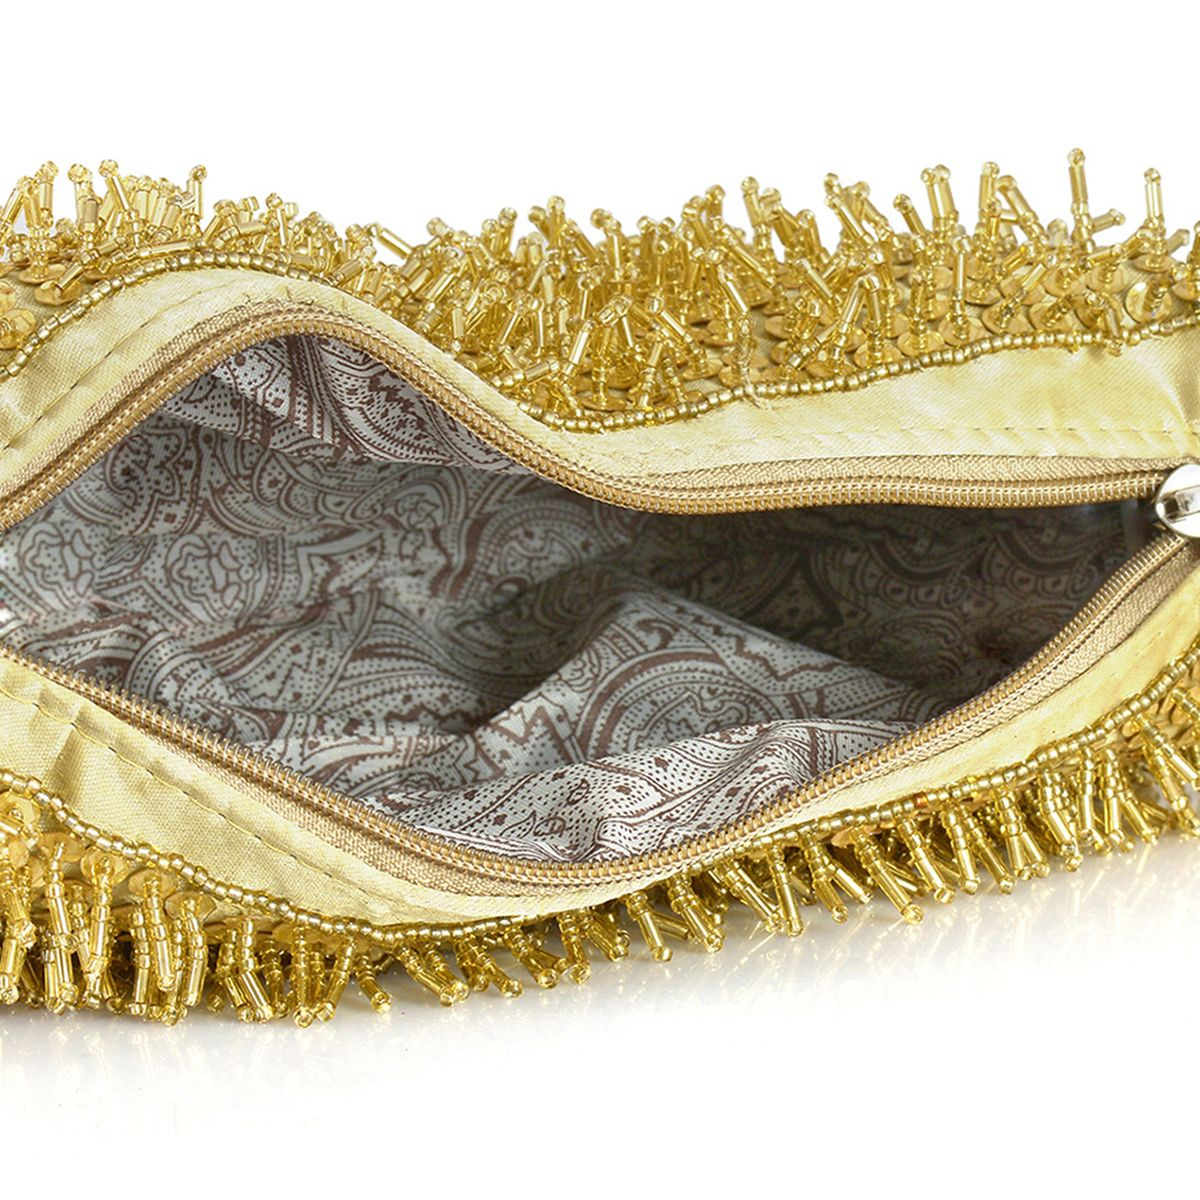 J Francis - Golden Embroidered Handbag